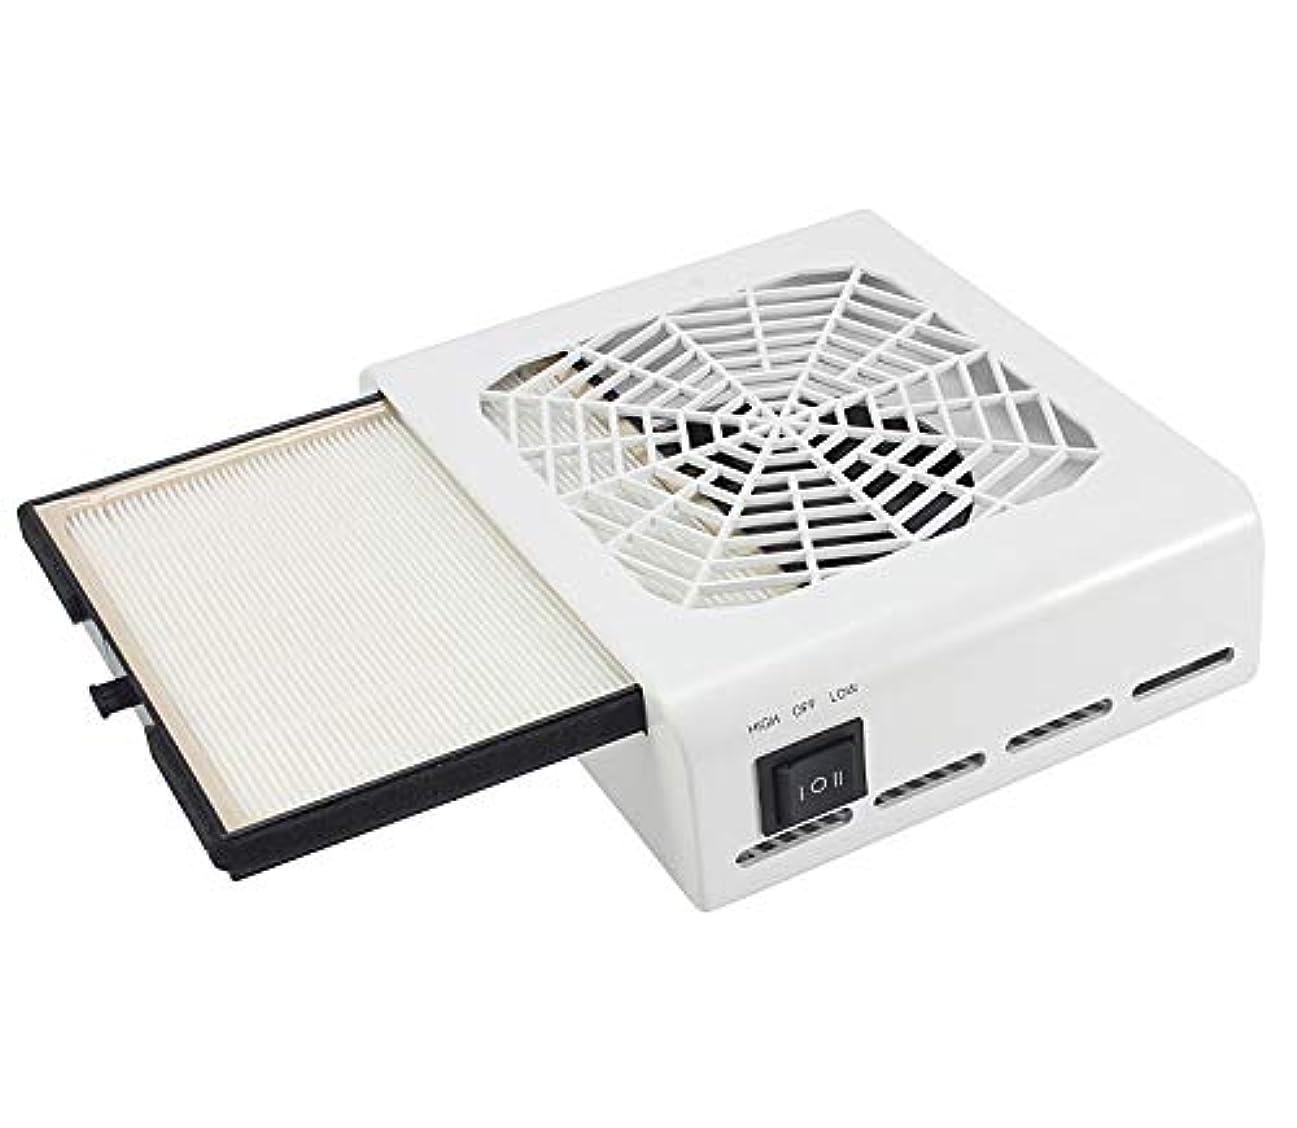 擁する論争的容赦ないネイルダスト 集塵機 ジェルネイル ネイル機器 最新版 セルフネイル 低騒音 110V 40W パワー調節可能 白